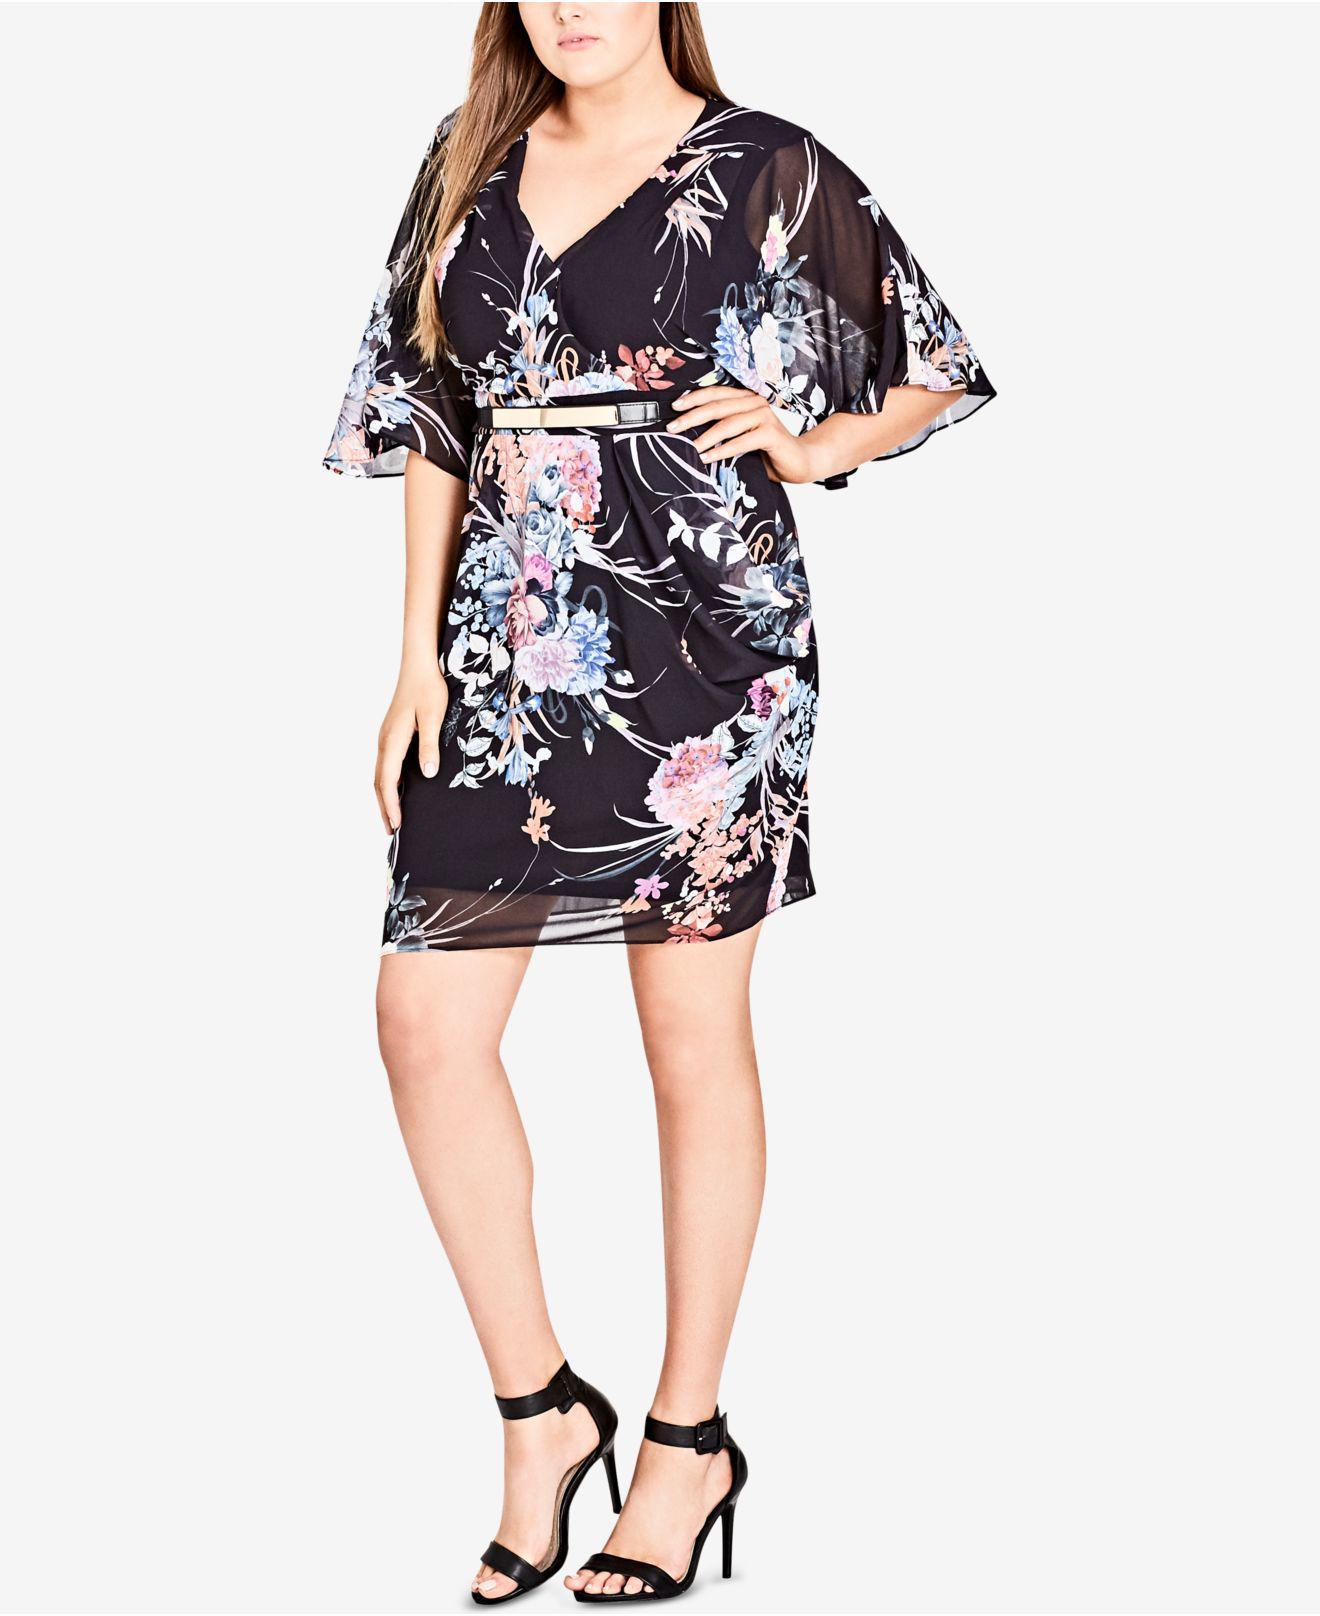 8c8da8416ceb8 Lyst - City Chic Trendy Plus Size Kimono Wrap Dress in Black